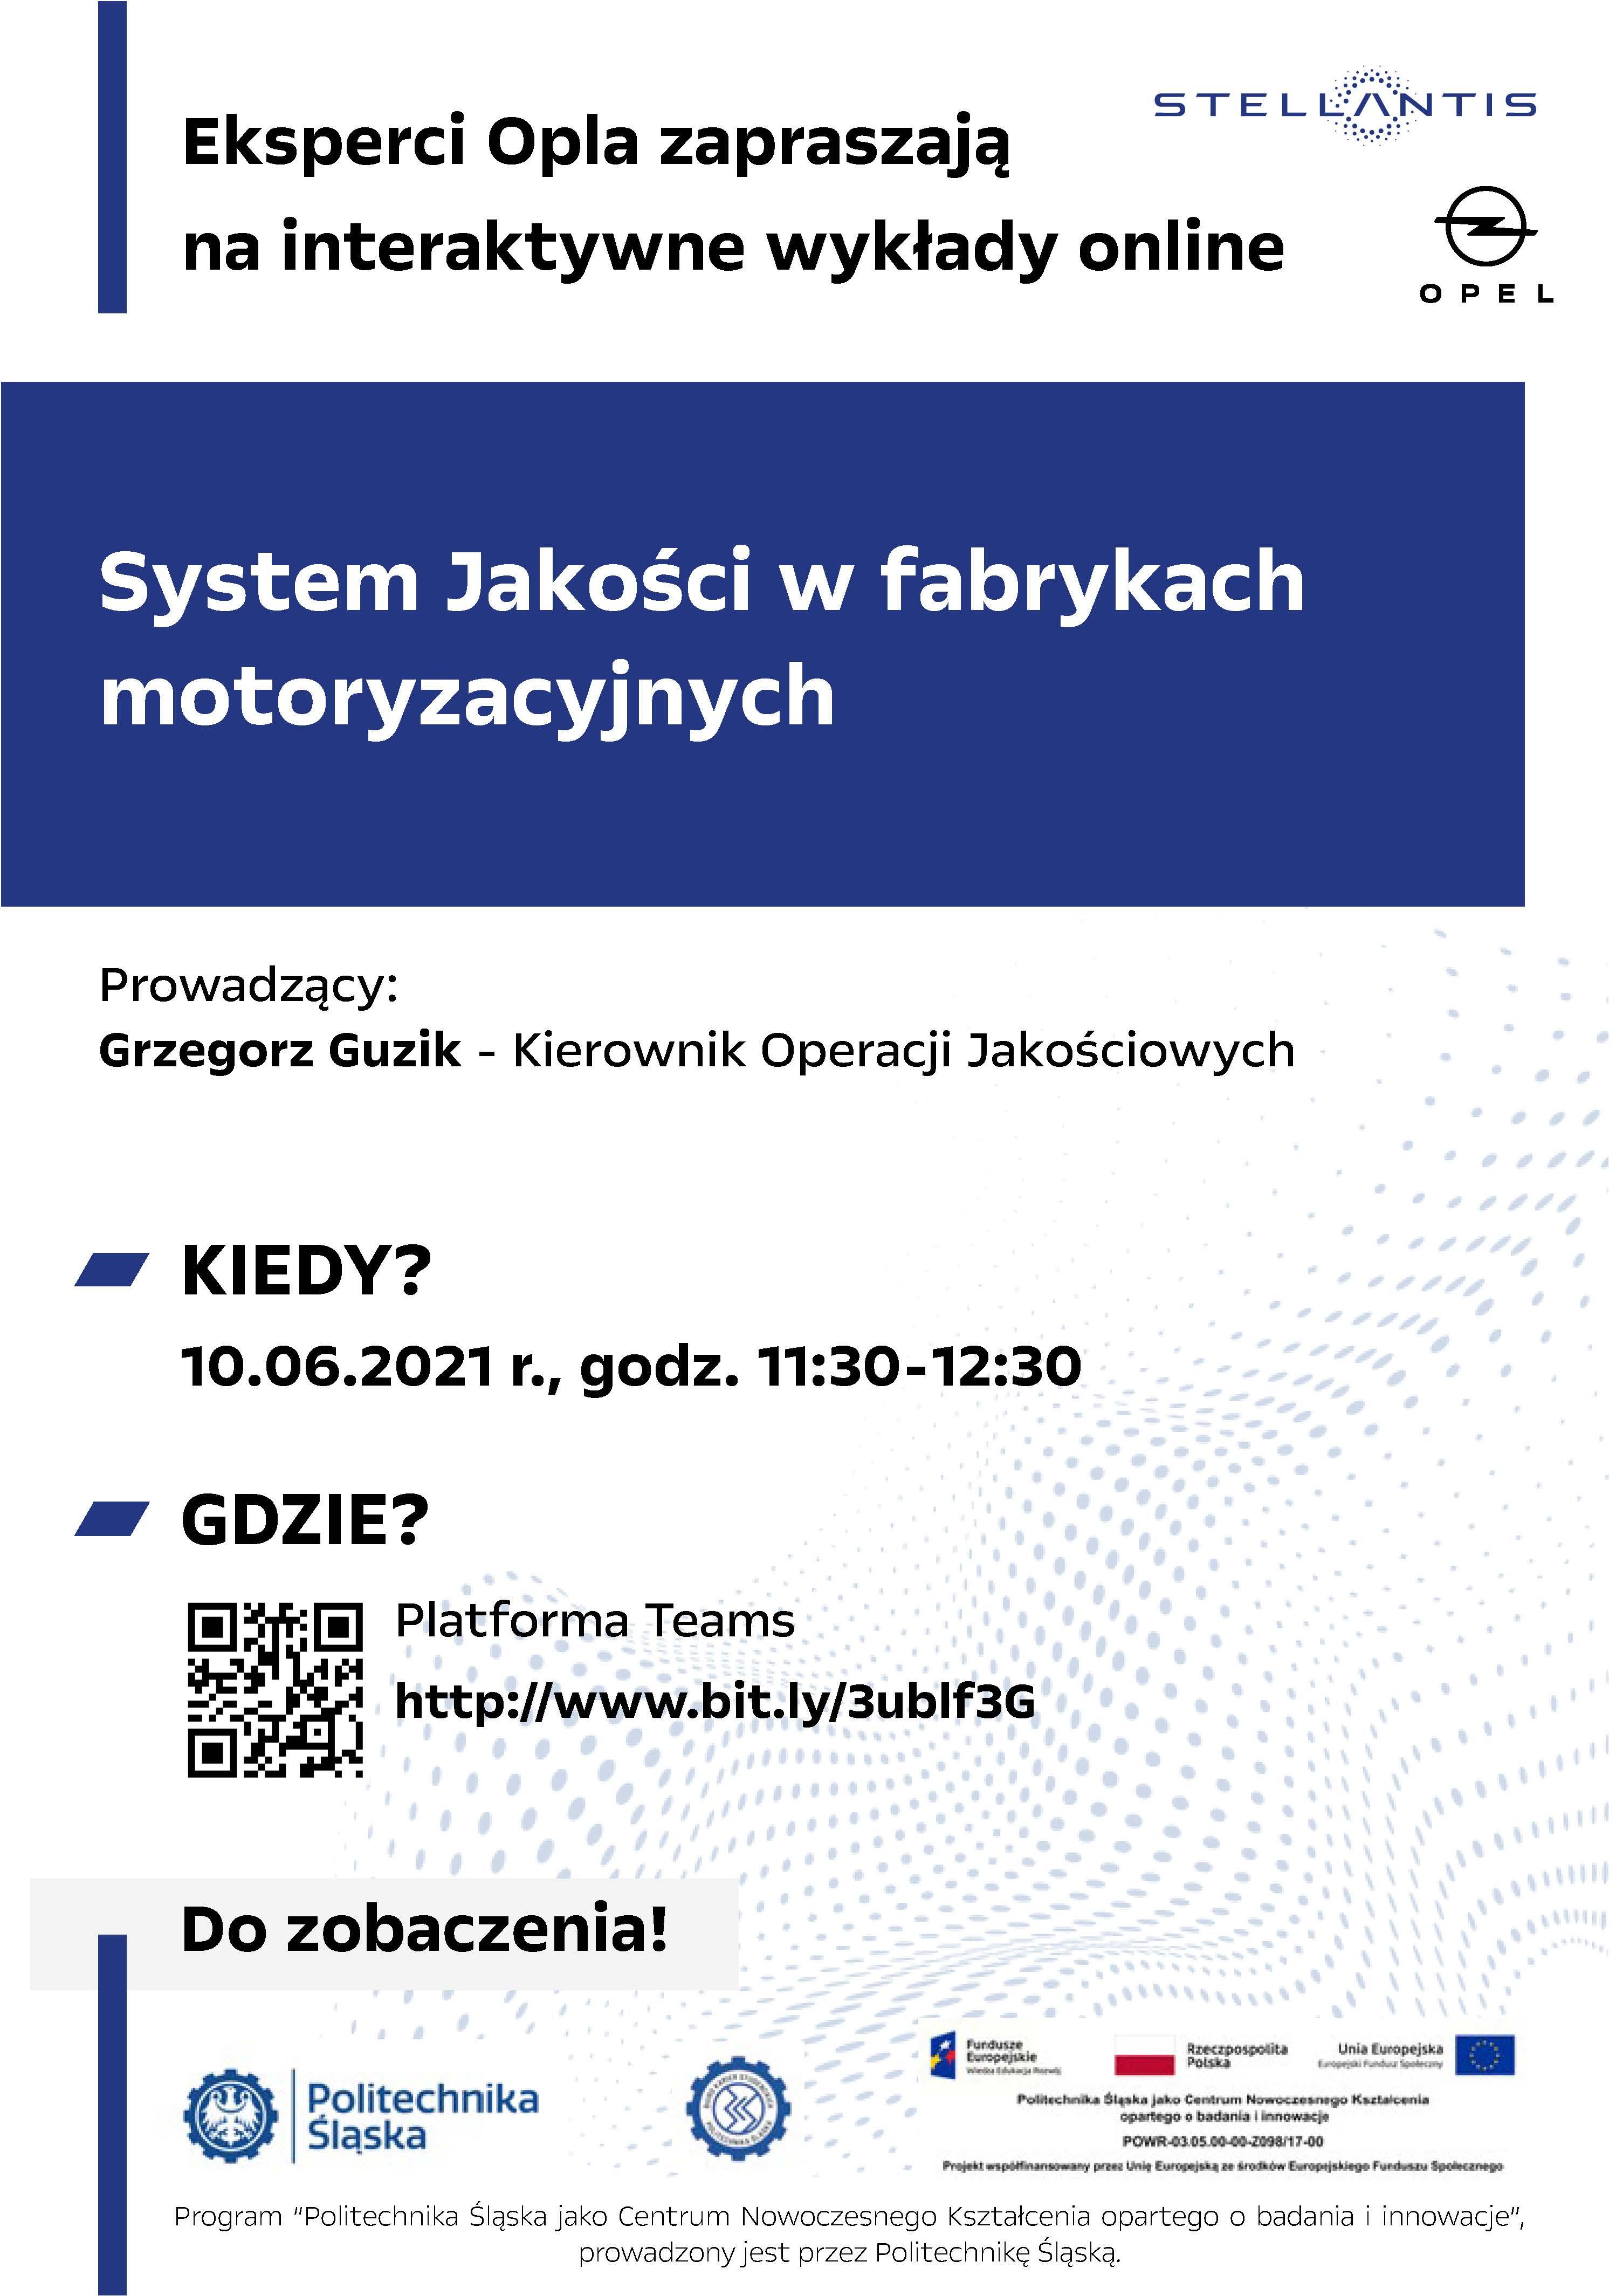 System_Jakosci_w_fabrykach_motoryzacyjnych.jpg (574,61 kB)